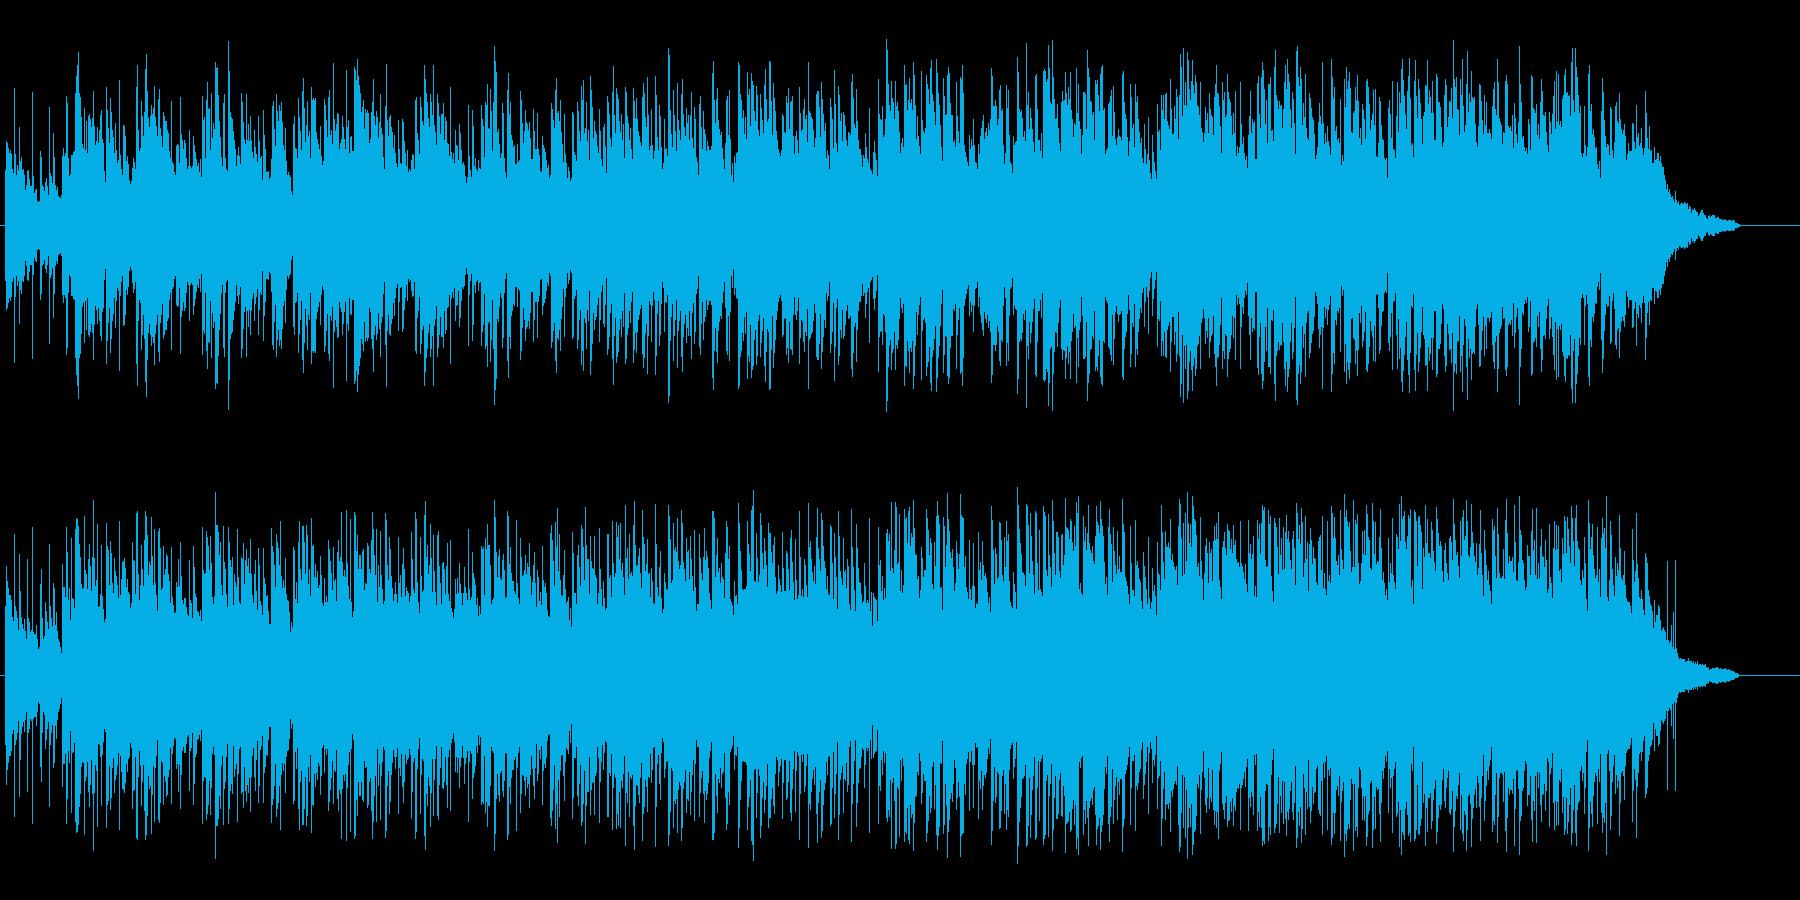 人恋しいニュー・ミュージック風ポップスの再生済みの波形